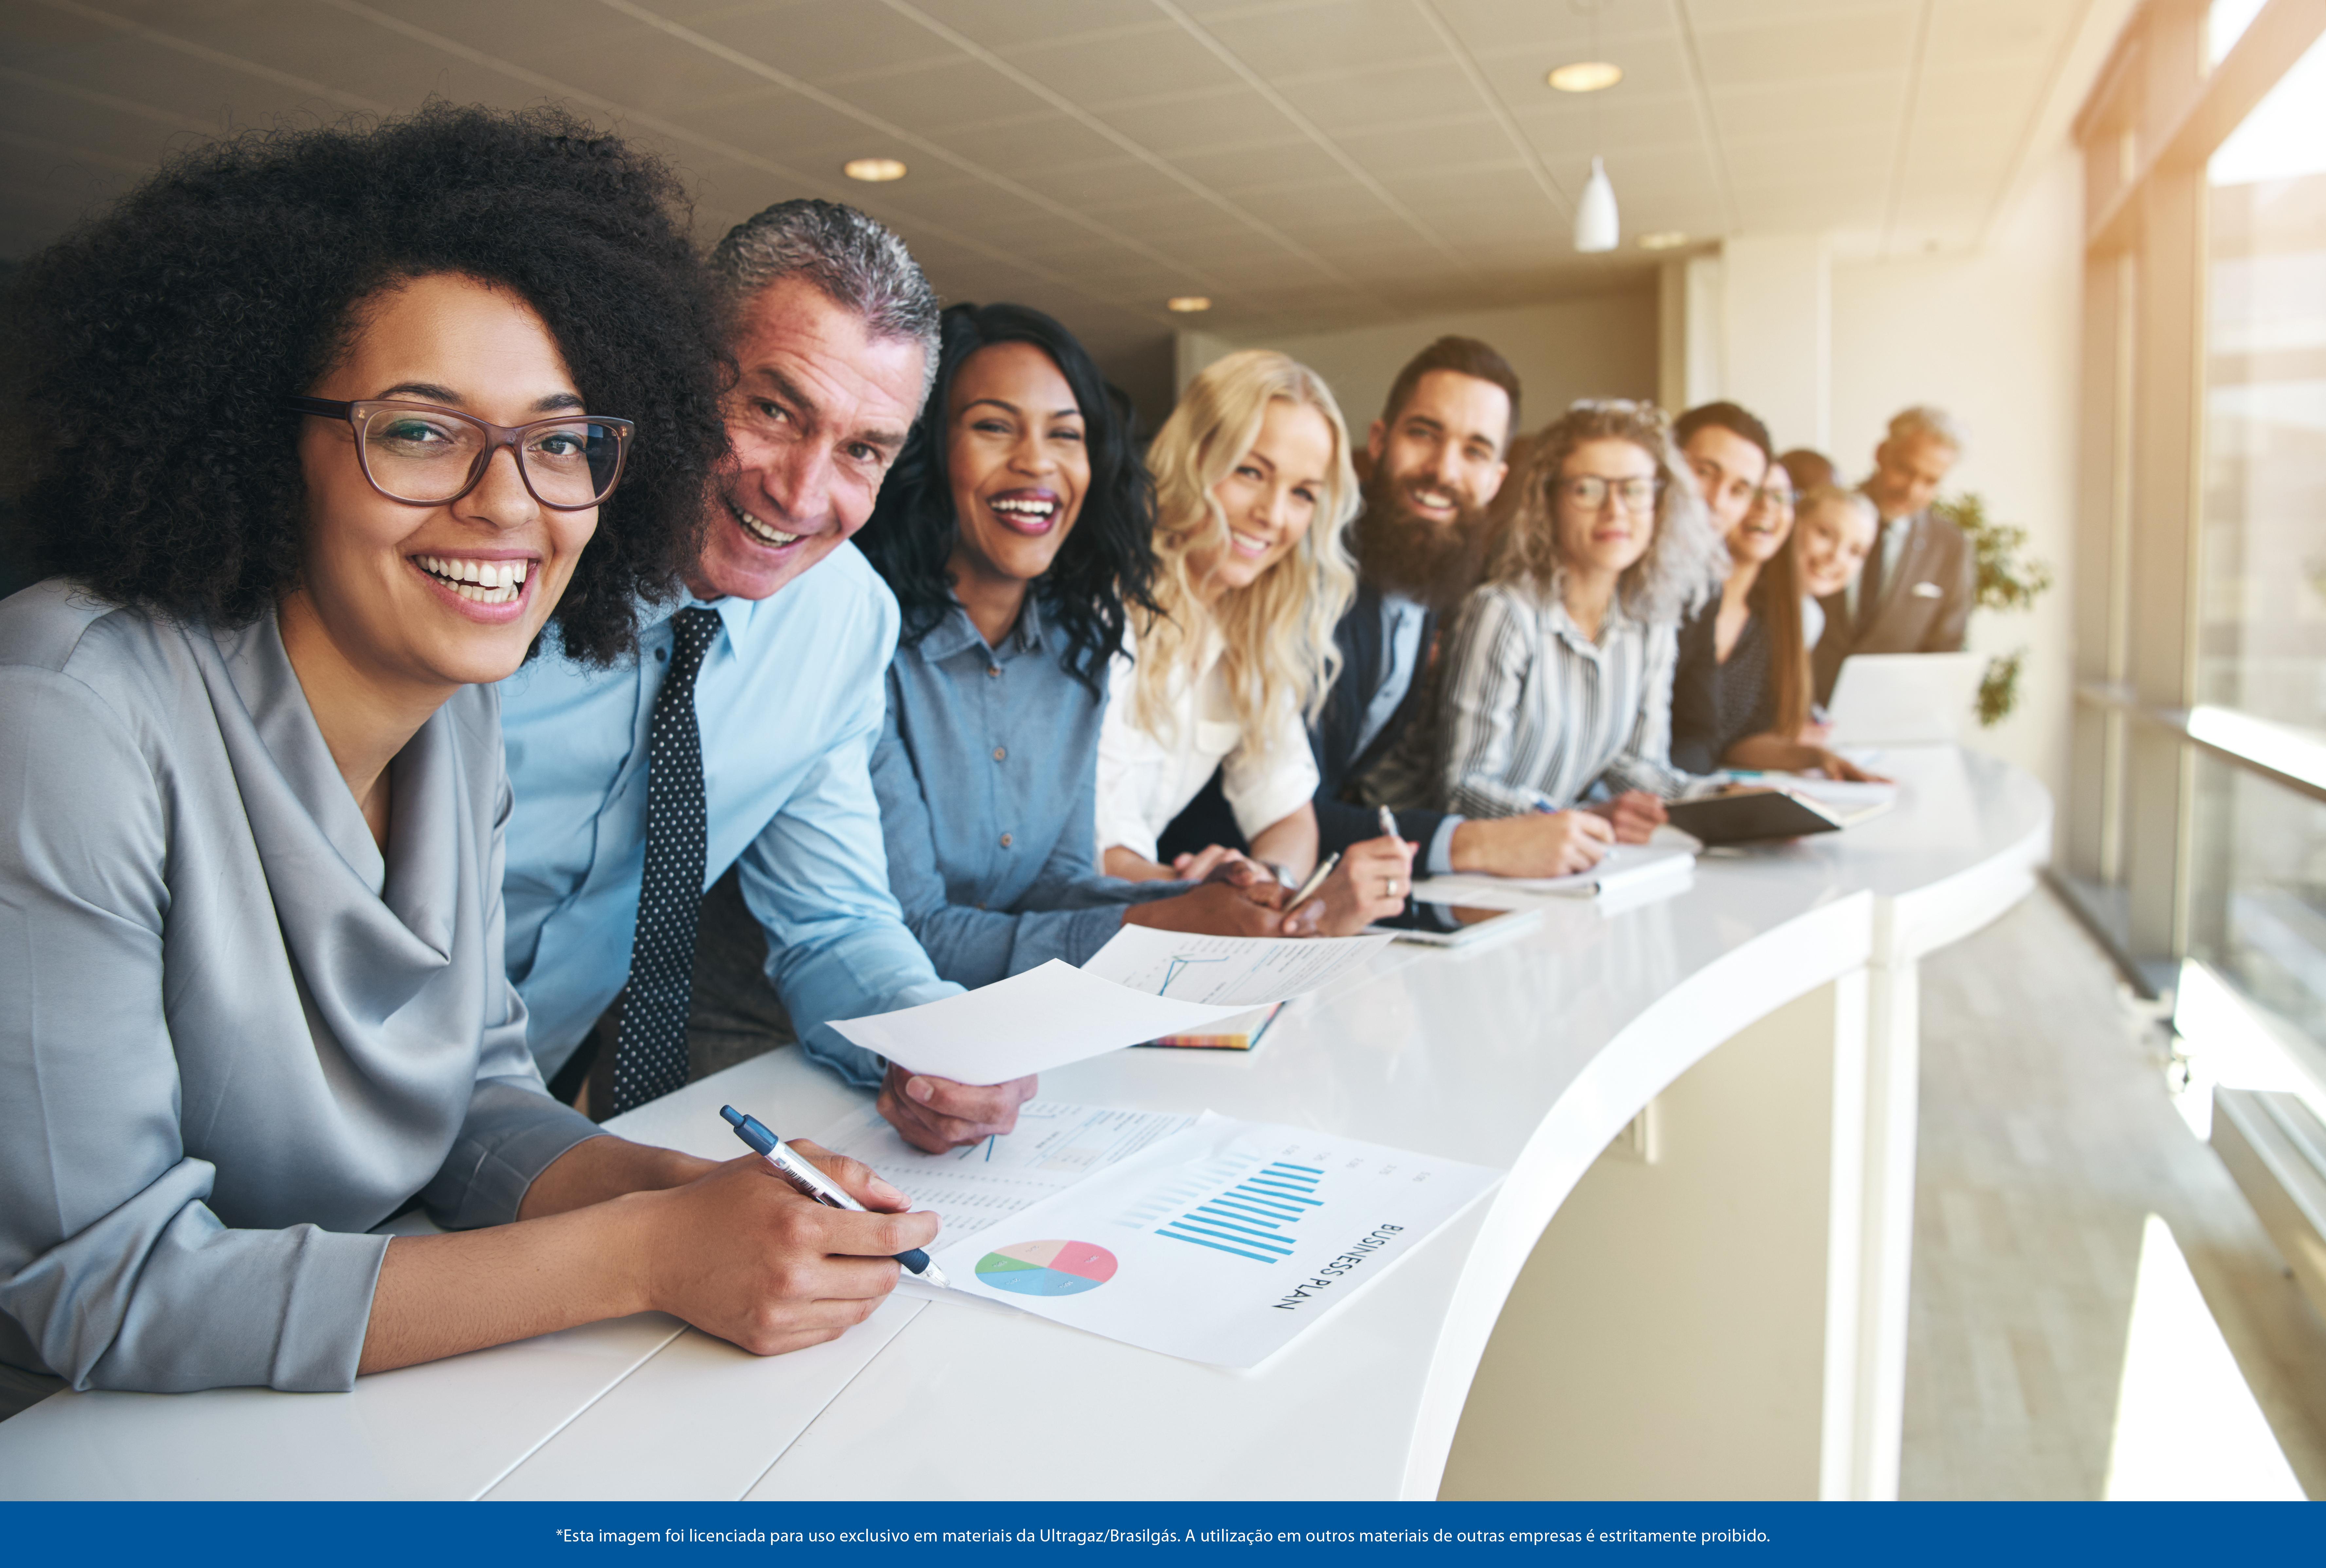 Foto de 10 pessoas sentadas em um balcão, todos de etnias muito diferentes e sorrindo bastante, com papéis nas mãos.